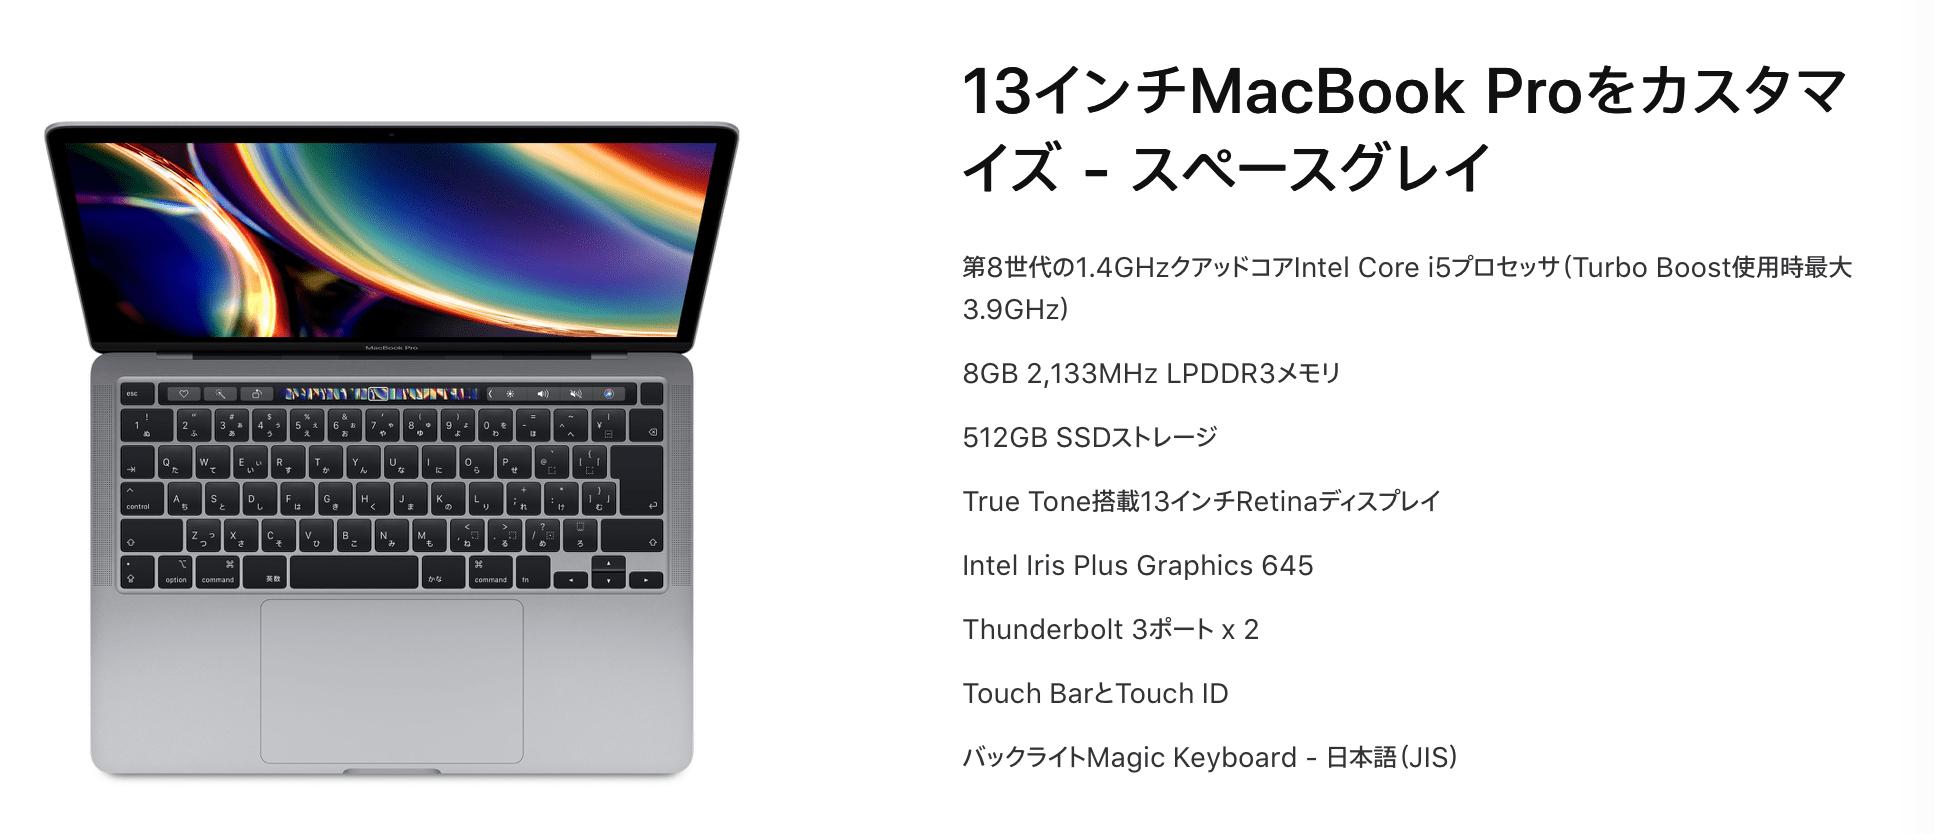 13インチ MacBook Pro(2ポート 上位モデル)